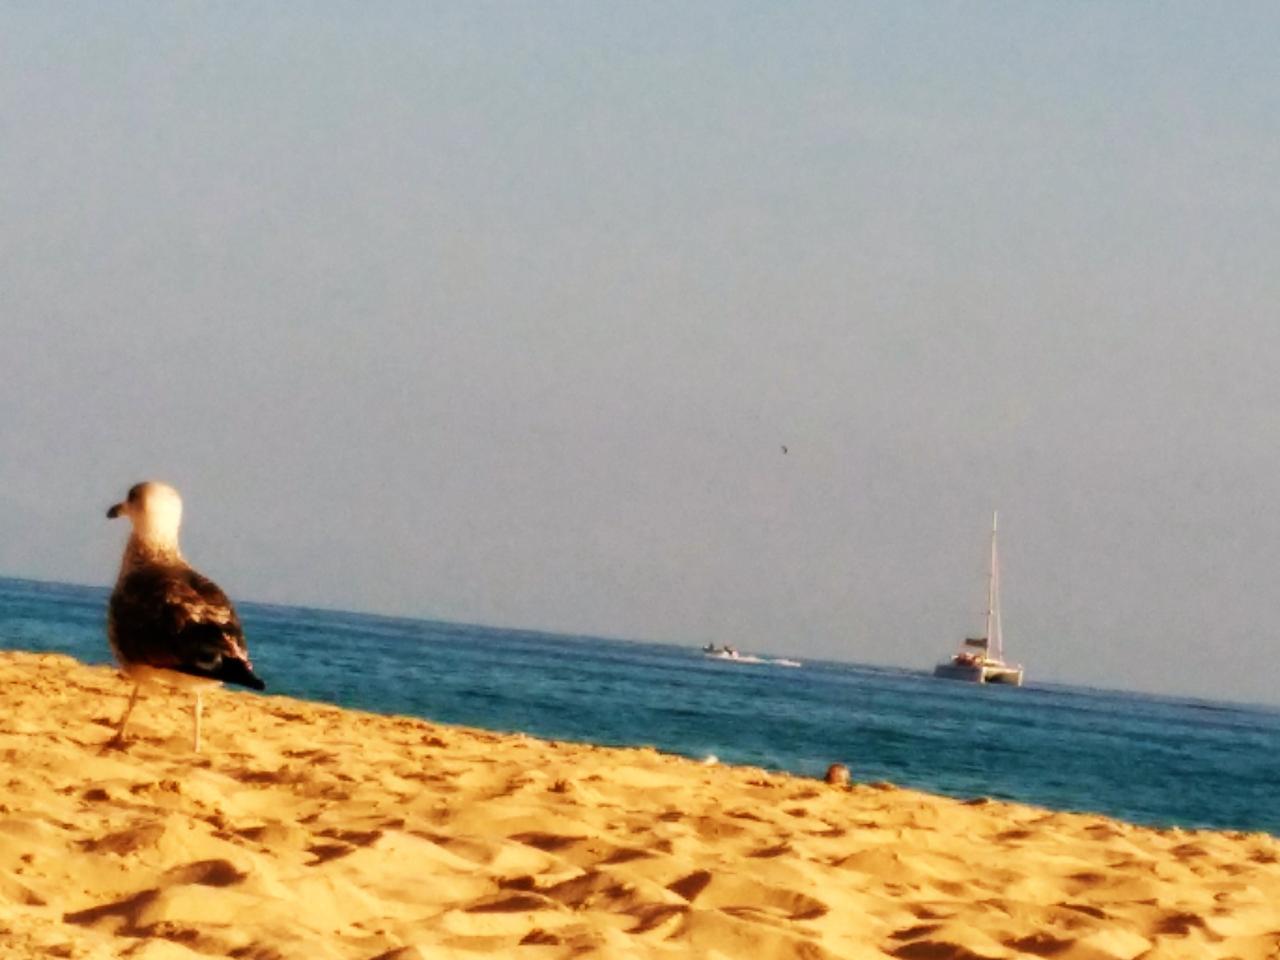 Ferienwohnung Apartment 2 / 4er Direkt am Meer, mit Blick auf den Strand, Schwimmbäder, ausgestattet. WI (634890), Morro Jable, Fuerteventura, Kanarische Inseln, Spanien, Bild 27